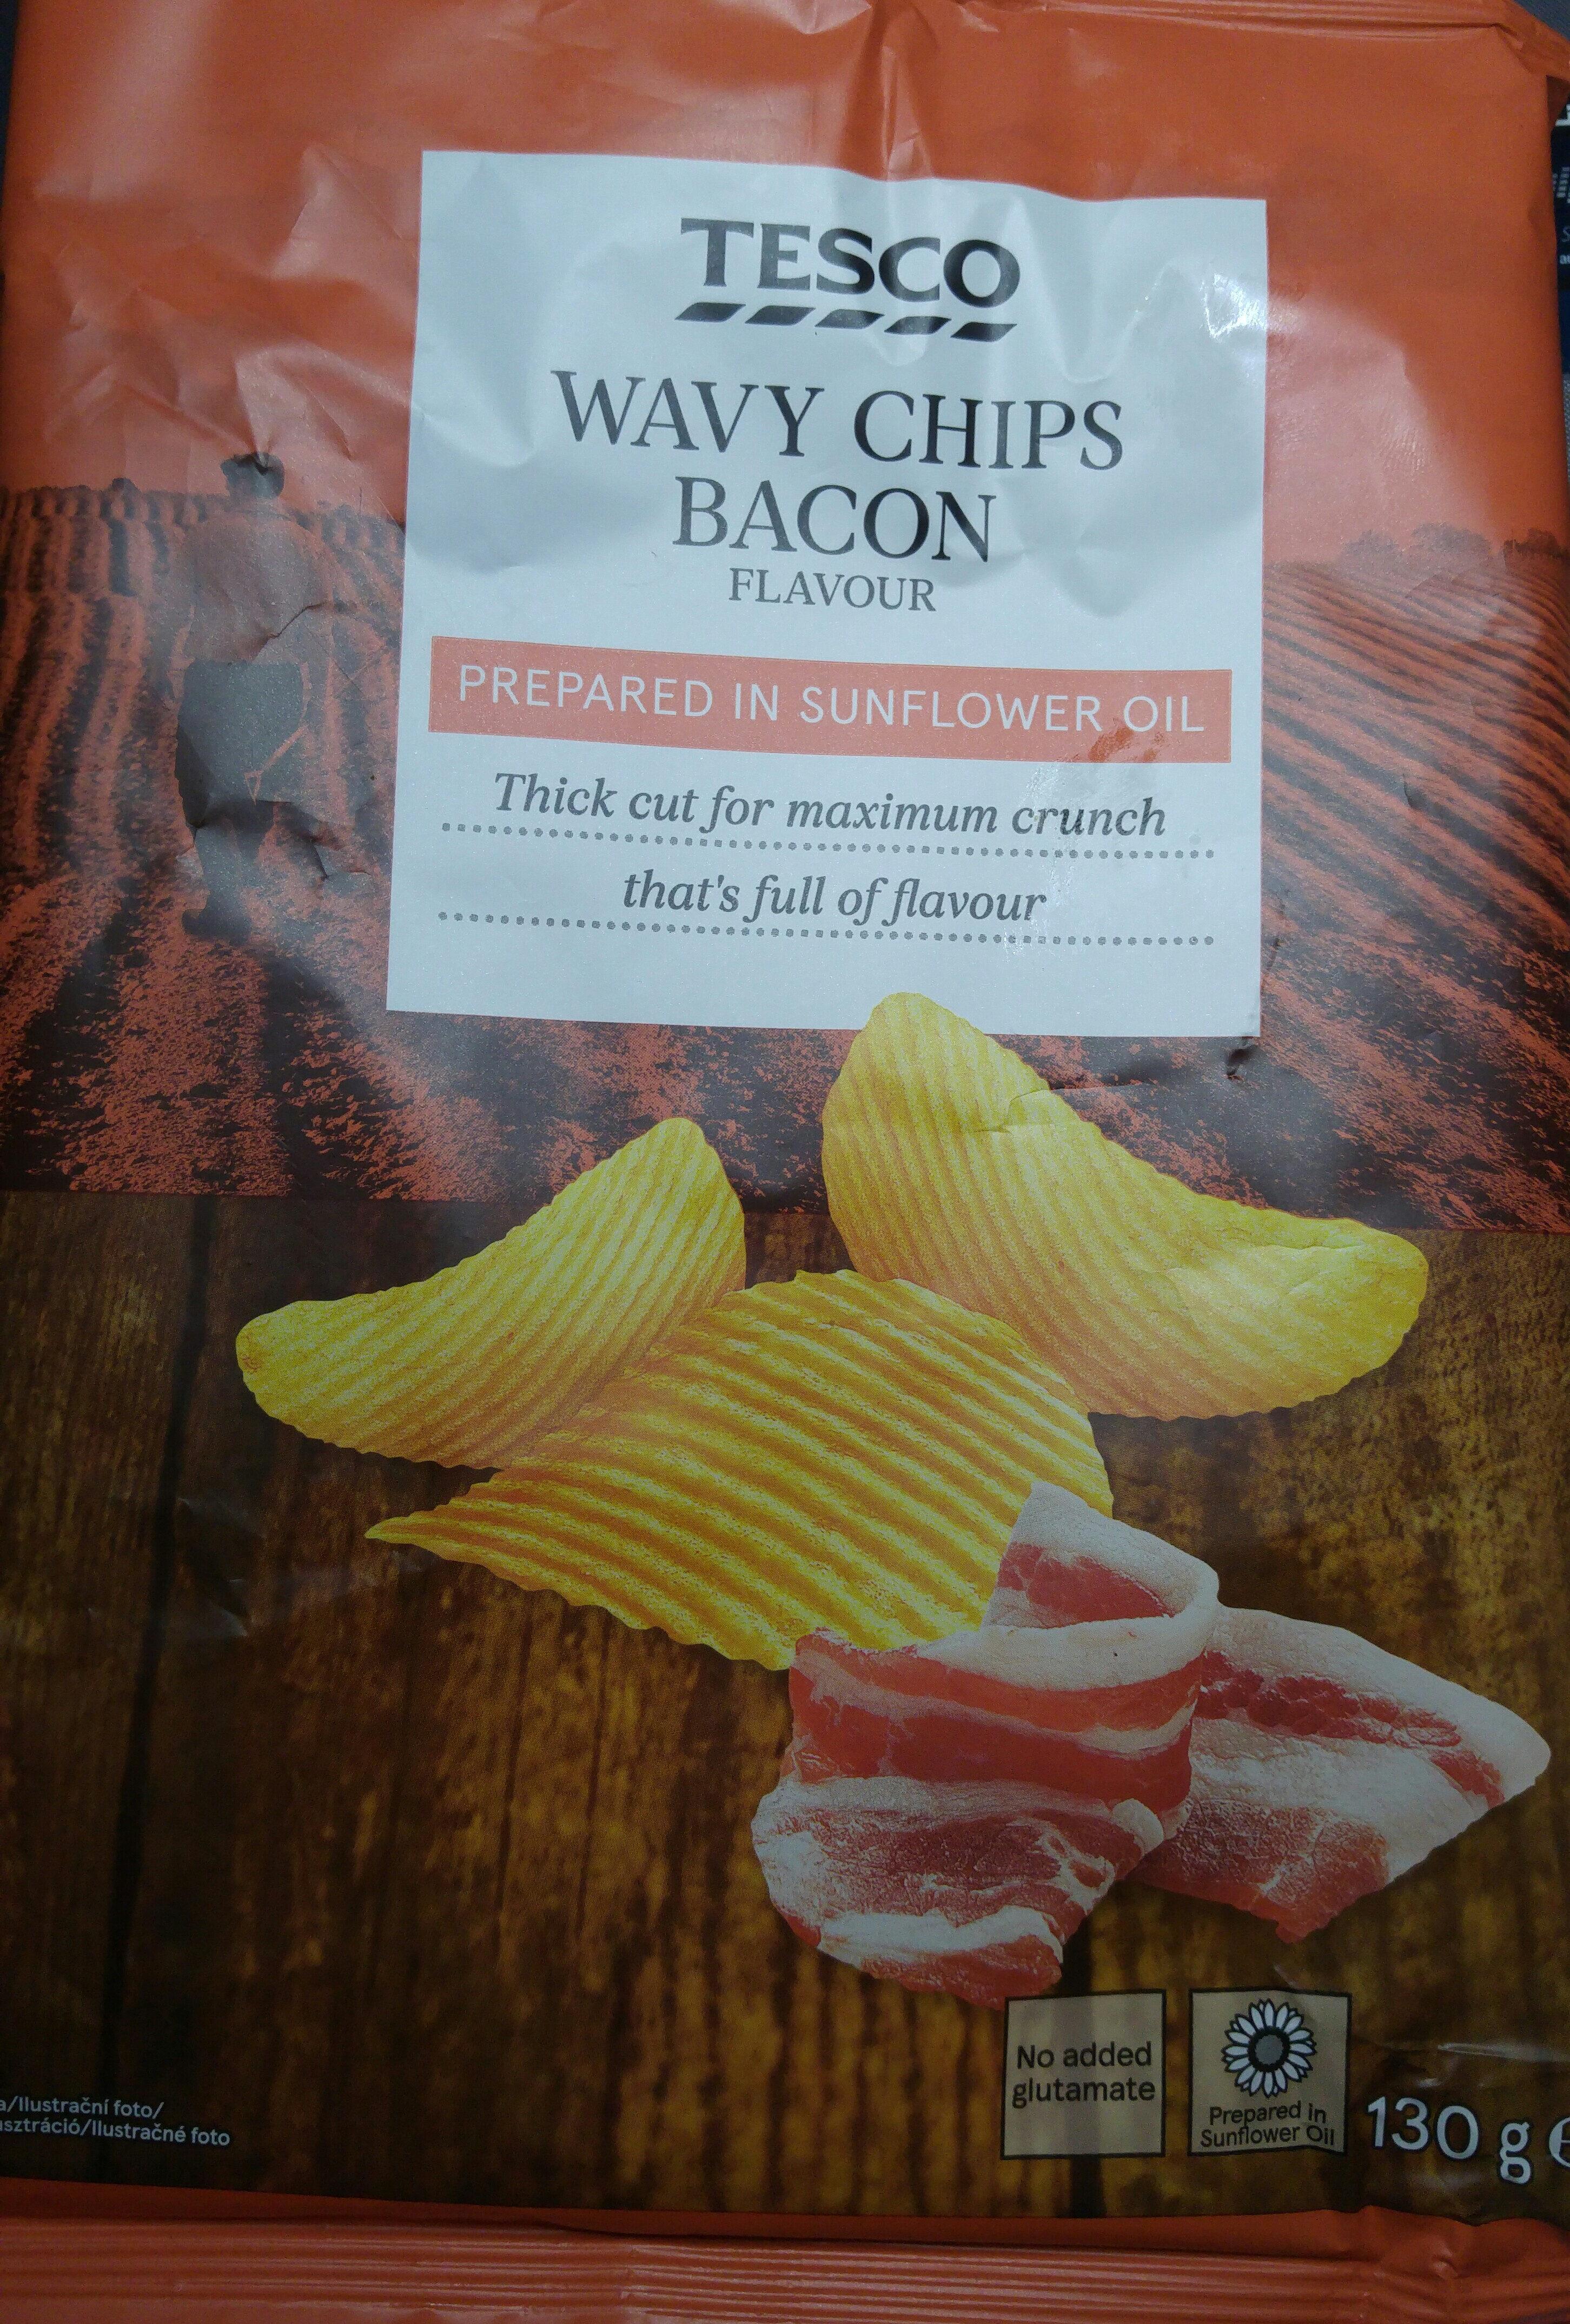 Chipsy ziemniaczane o smaku bekonowym. - Produkt